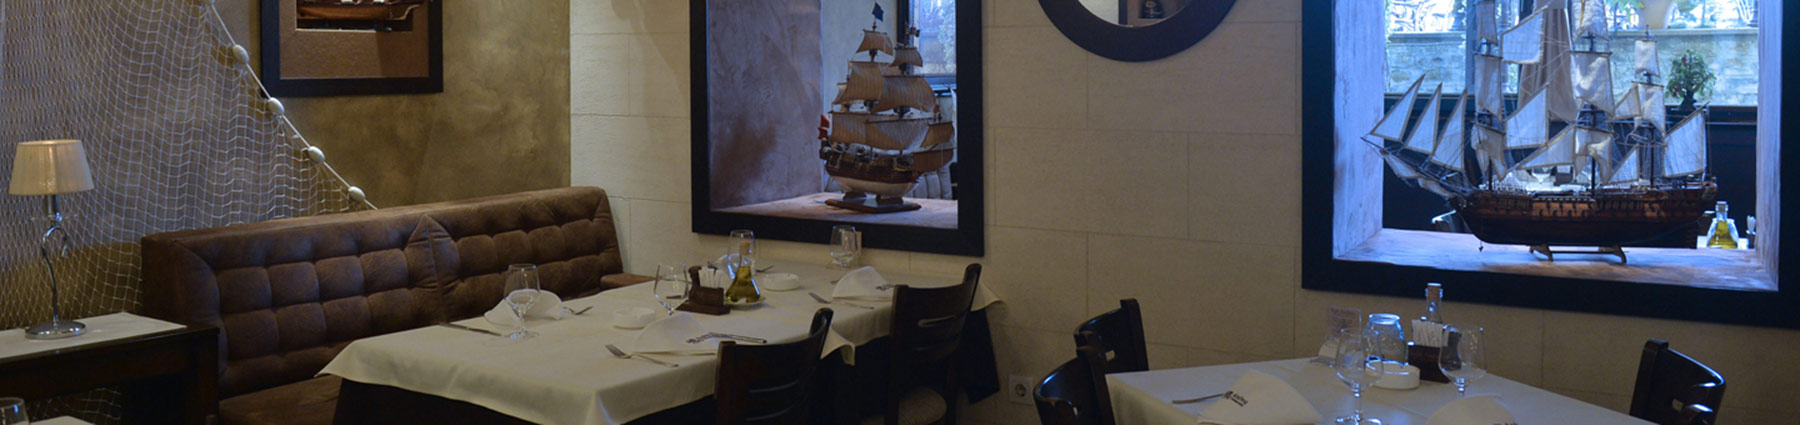 Restoran Sent Andrea